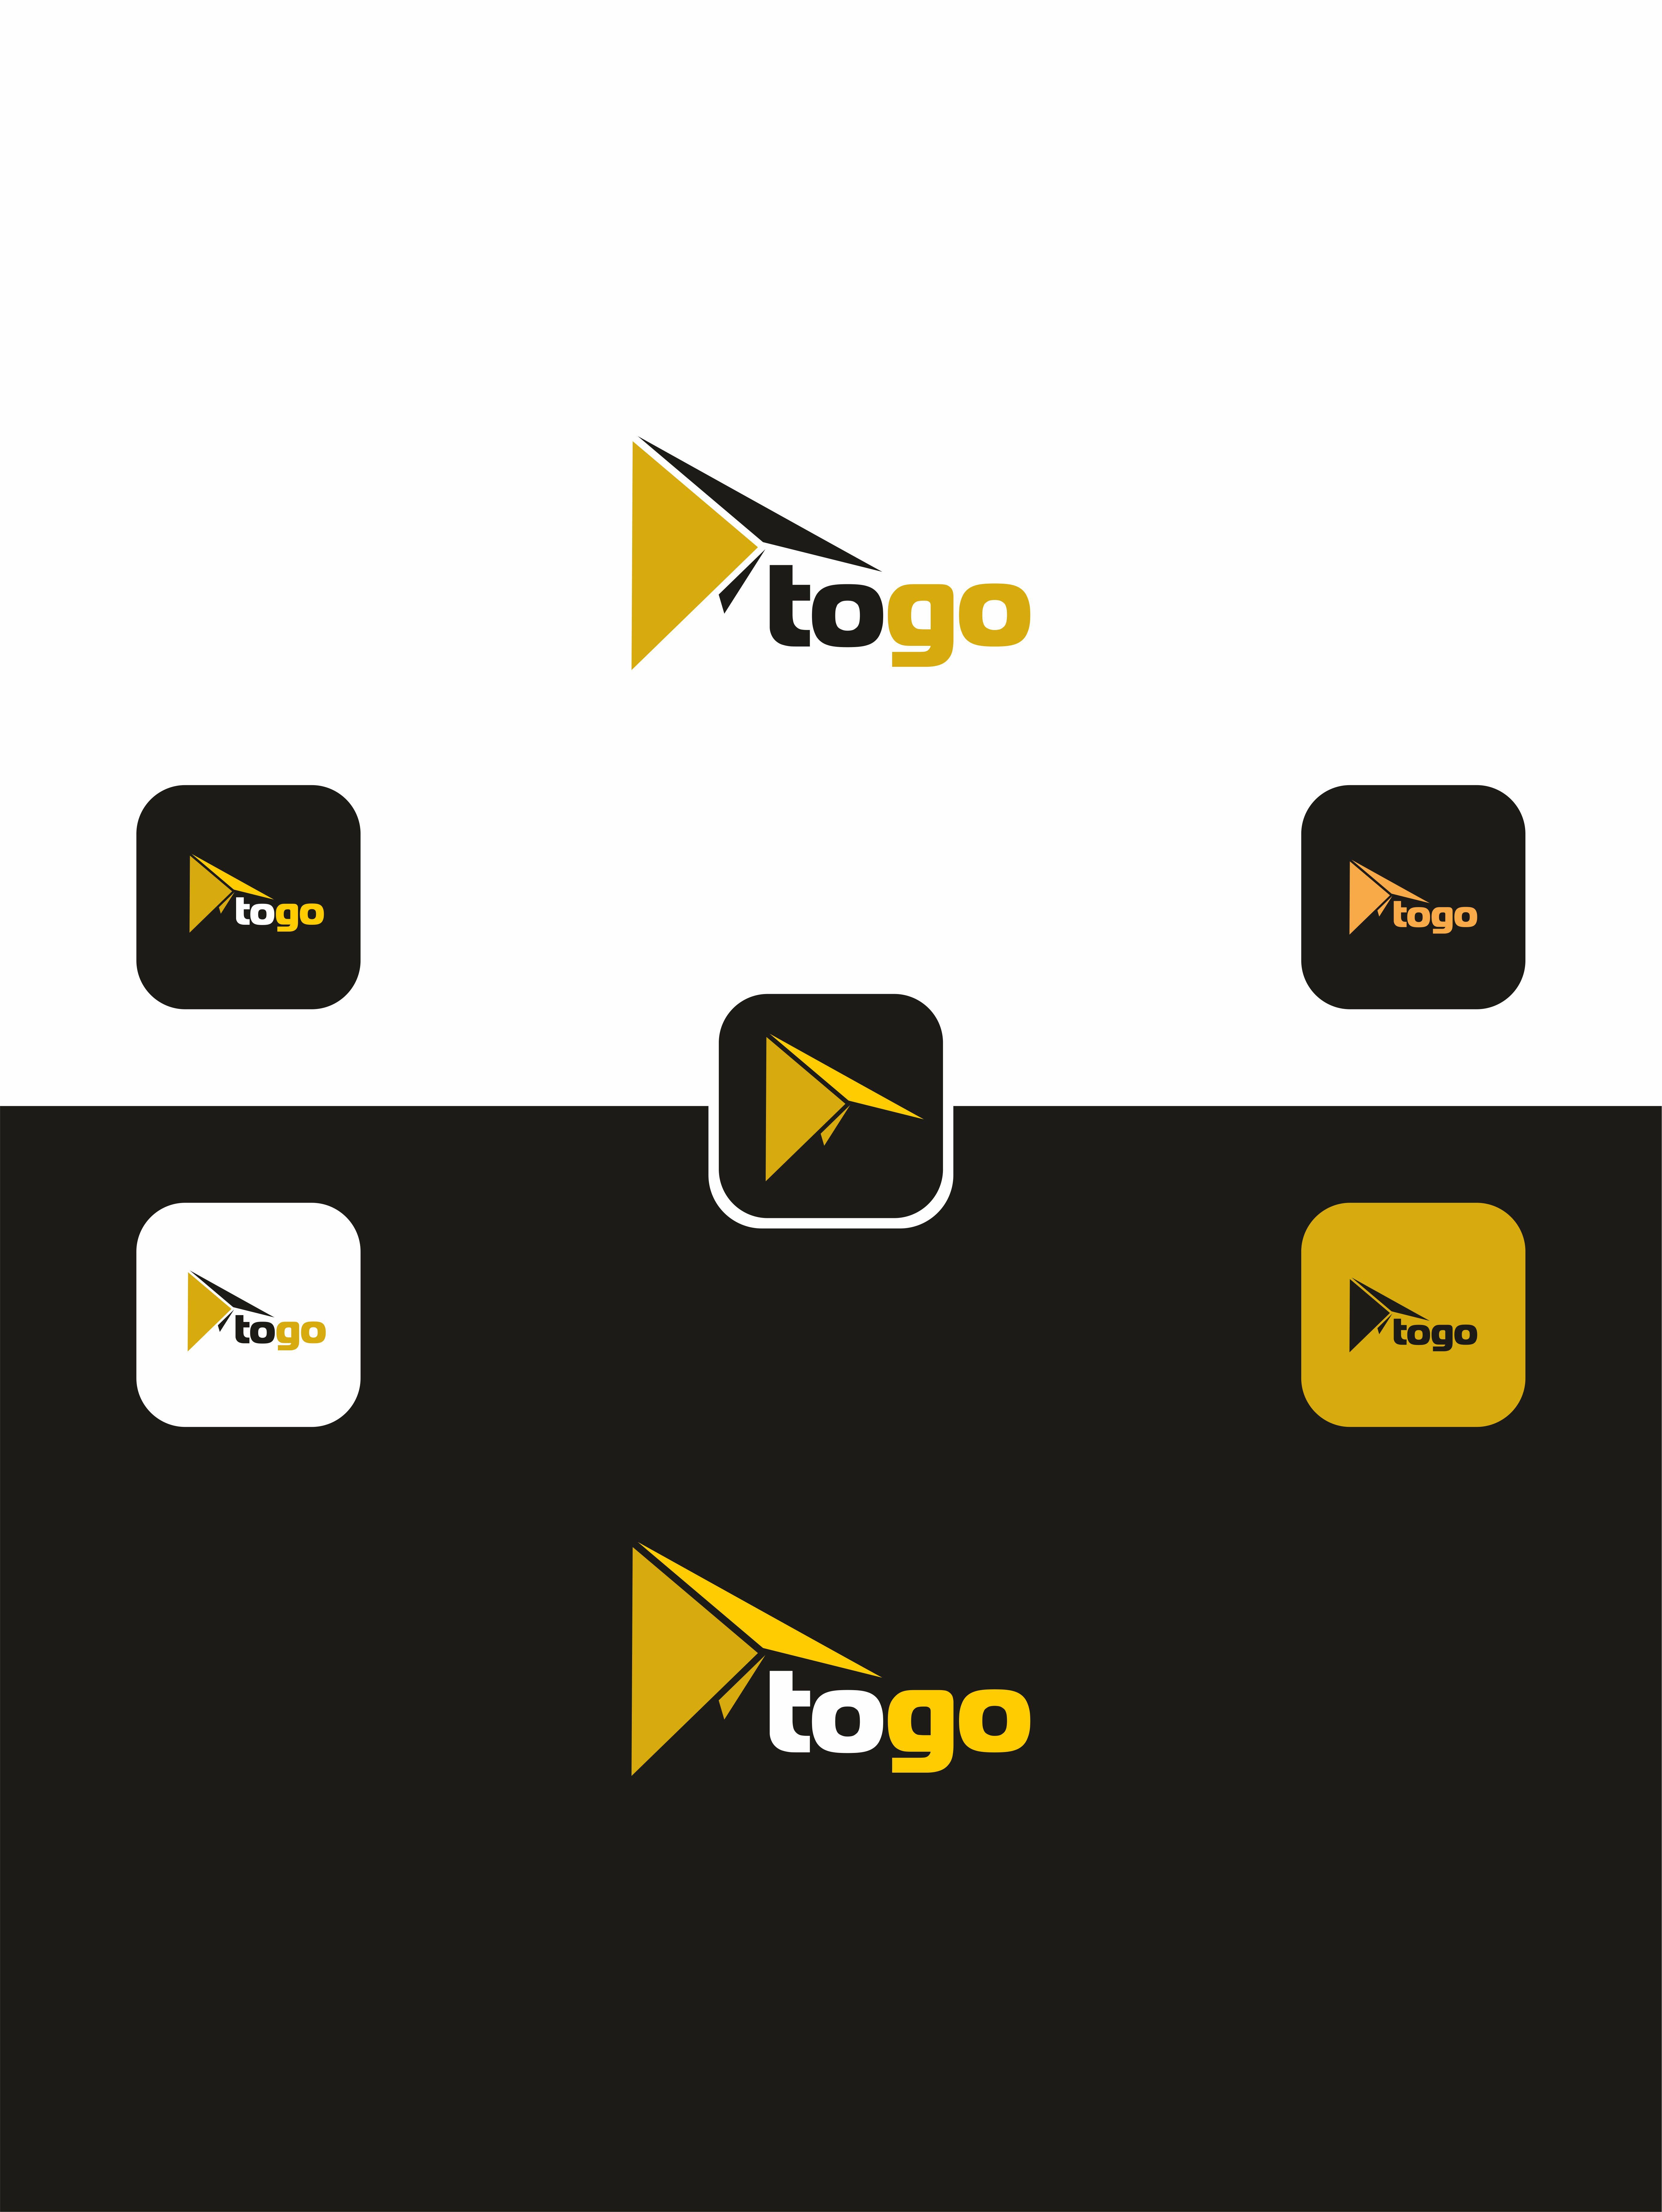 Разработать логотип и экран загрузки приложения фото f_7715a86d56f4eafb.jpg